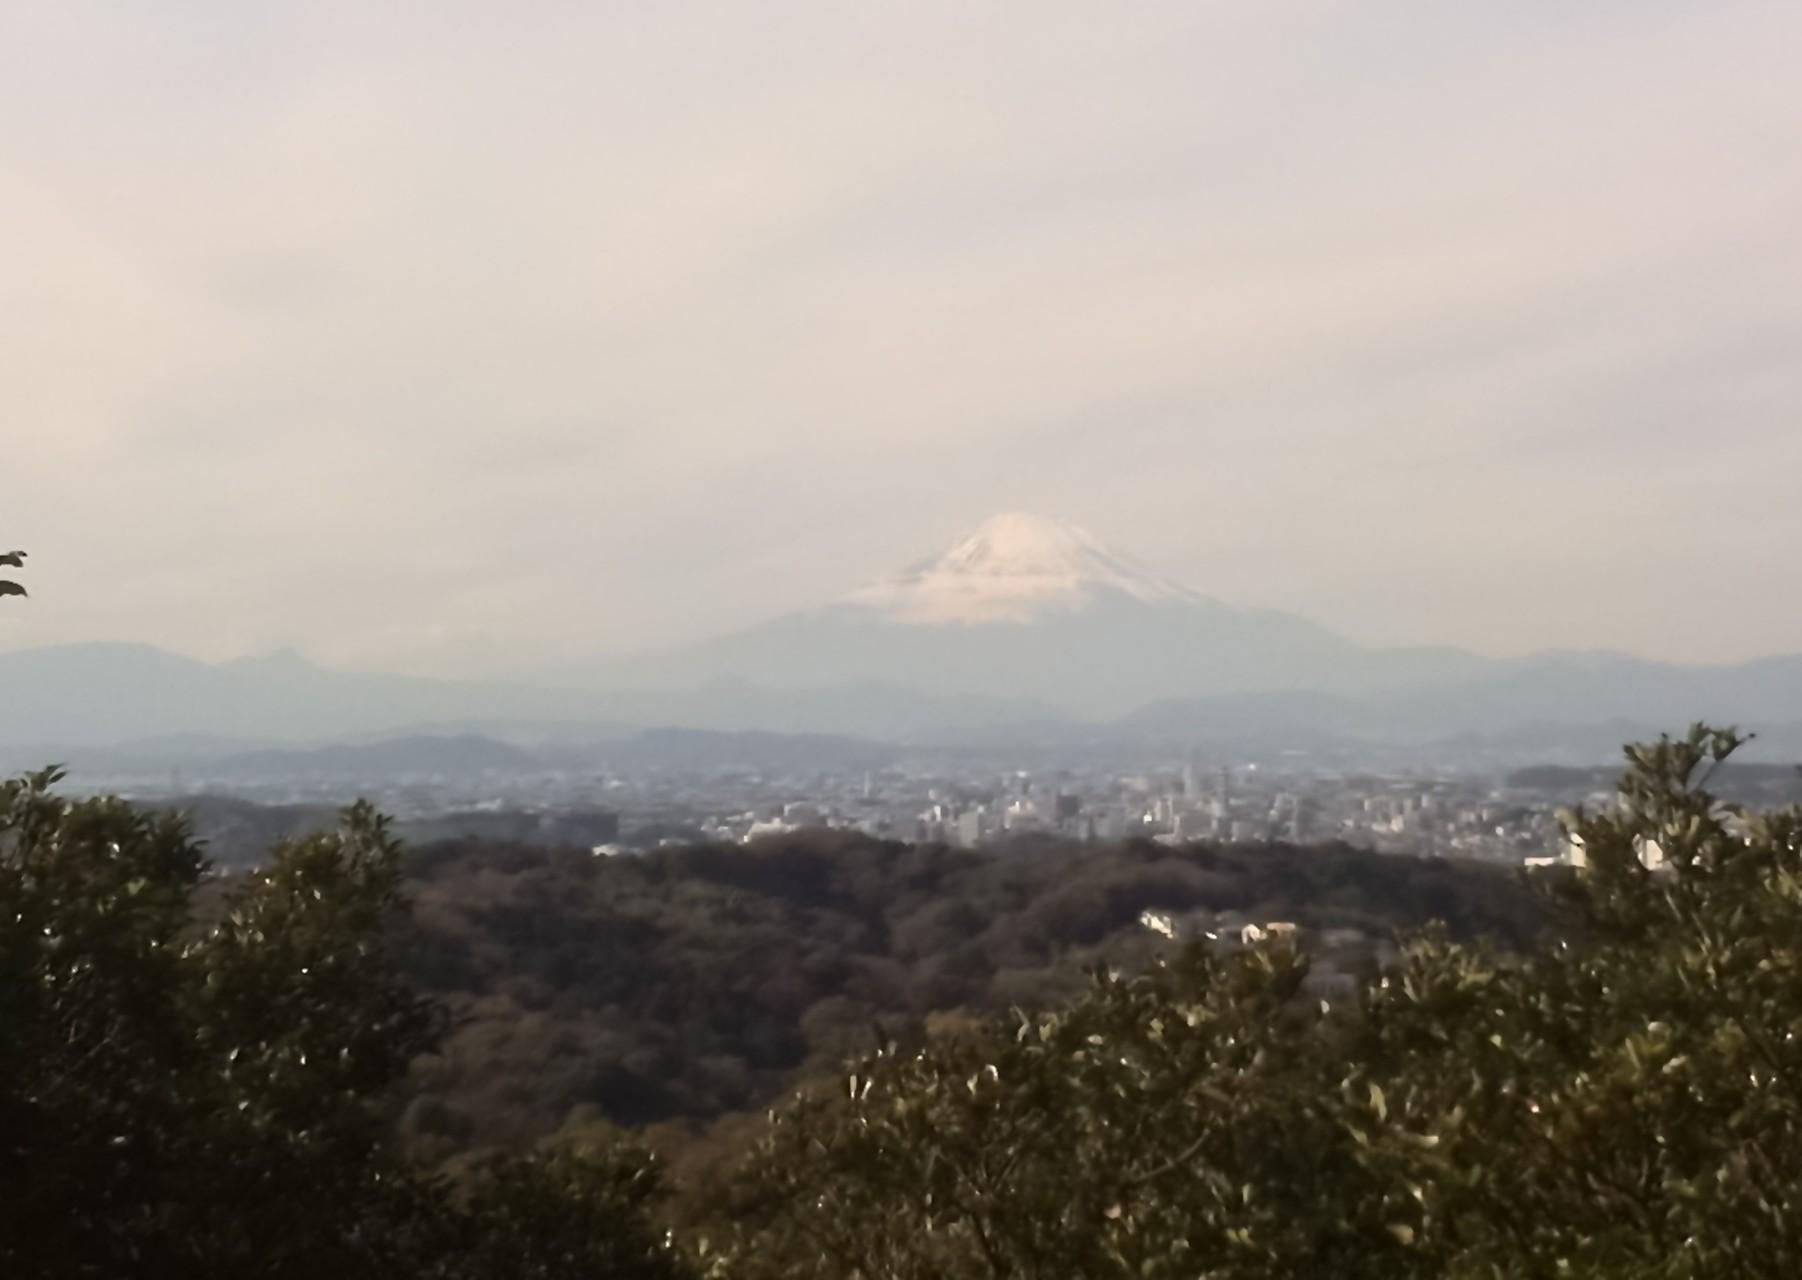 富士山と鎌倉市街